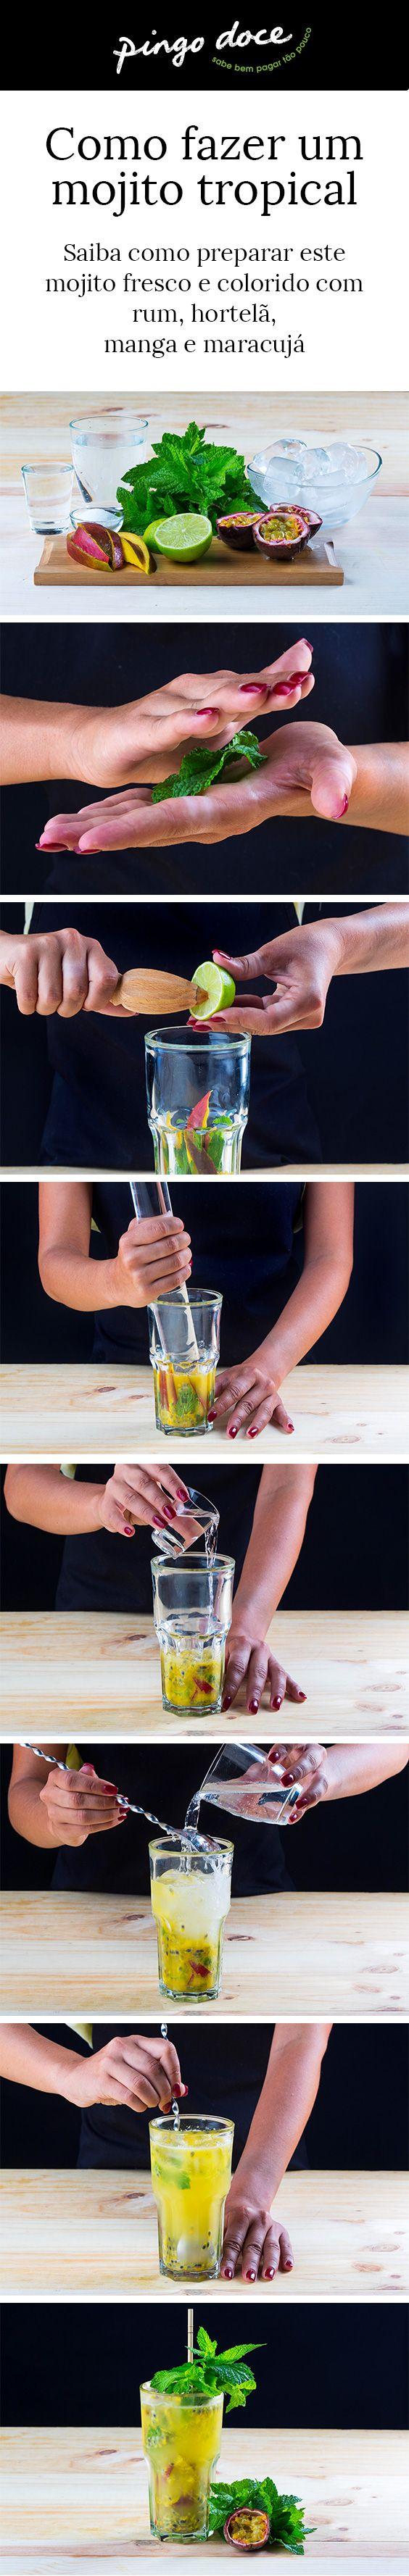 O rum e a hortelã são a base deste cocktail exótico. Os sabores da manga e do maracujá dão-lhe um toque verdadeiramente tropical.